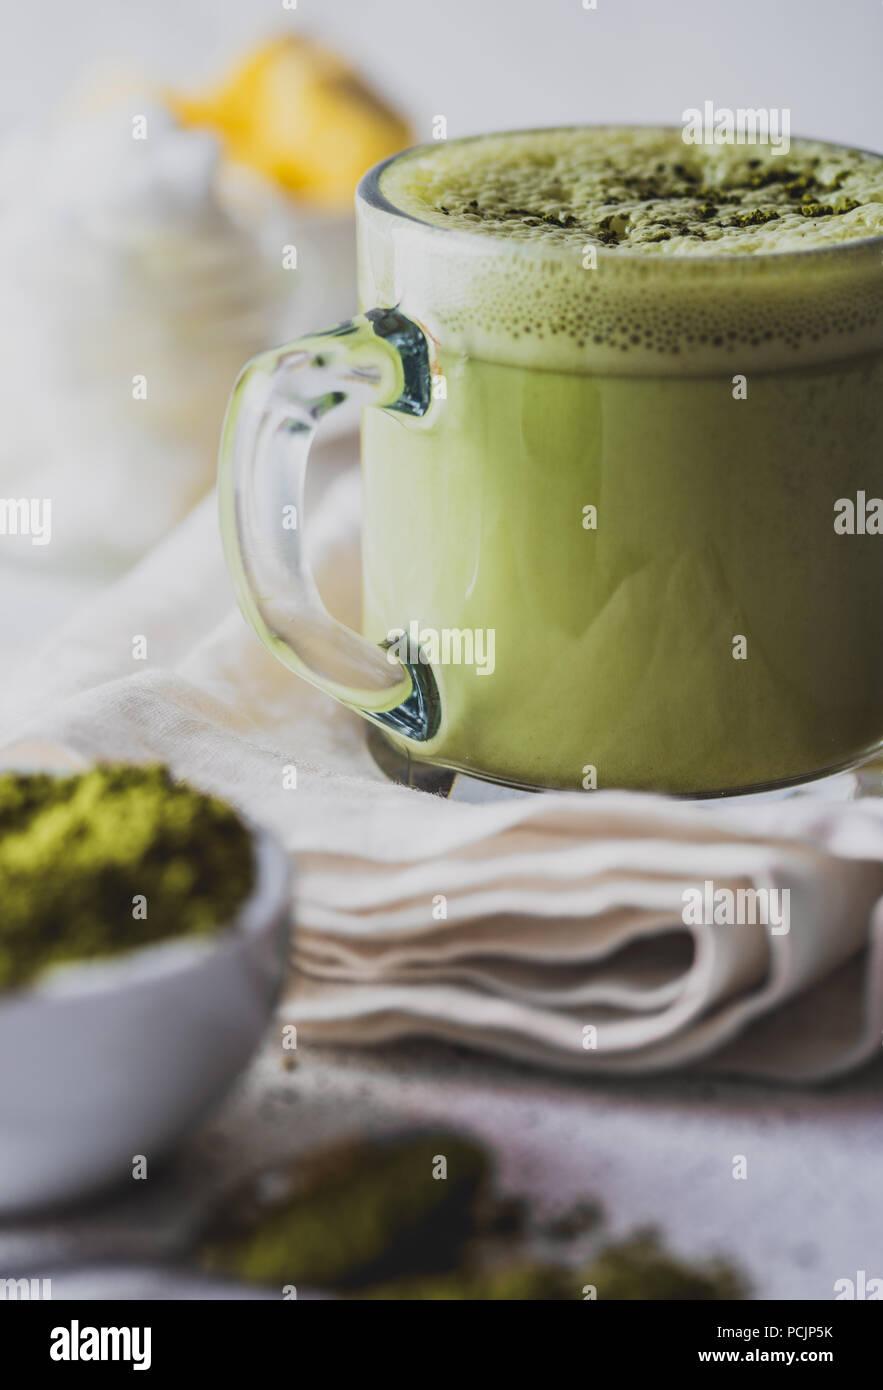 Chalecos matcha. Ceto dieta cetog�ica bebida caliente. Té matcha mezclado con aceite de coco y la mantequilla. Taza de bulletproof matcha y los ingredientes sobre fondo blanco. Imagen De Stock